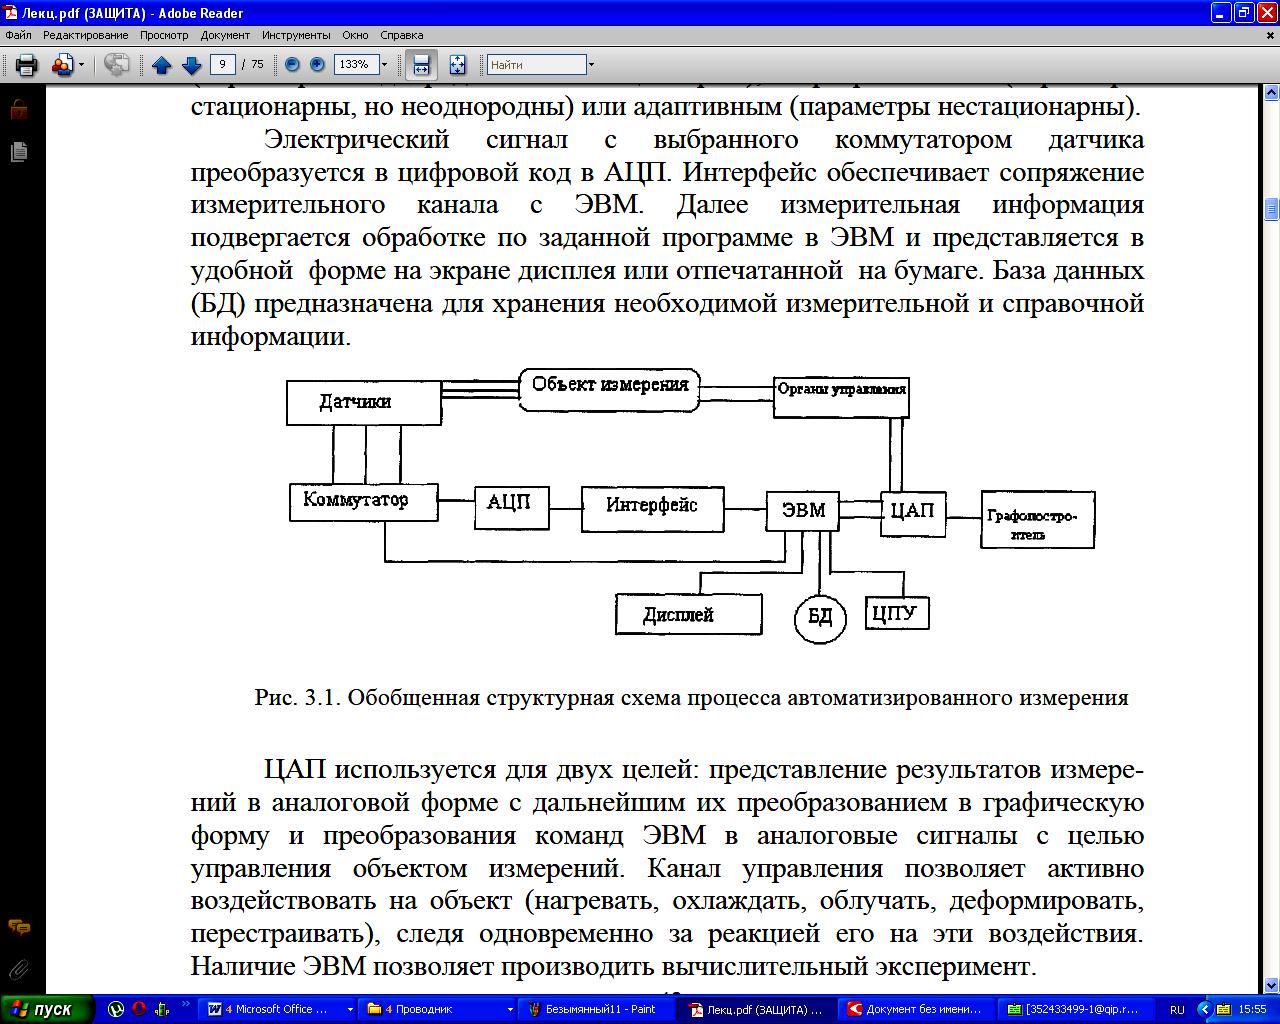 Преобразования процессы систем шпаргалка структурного